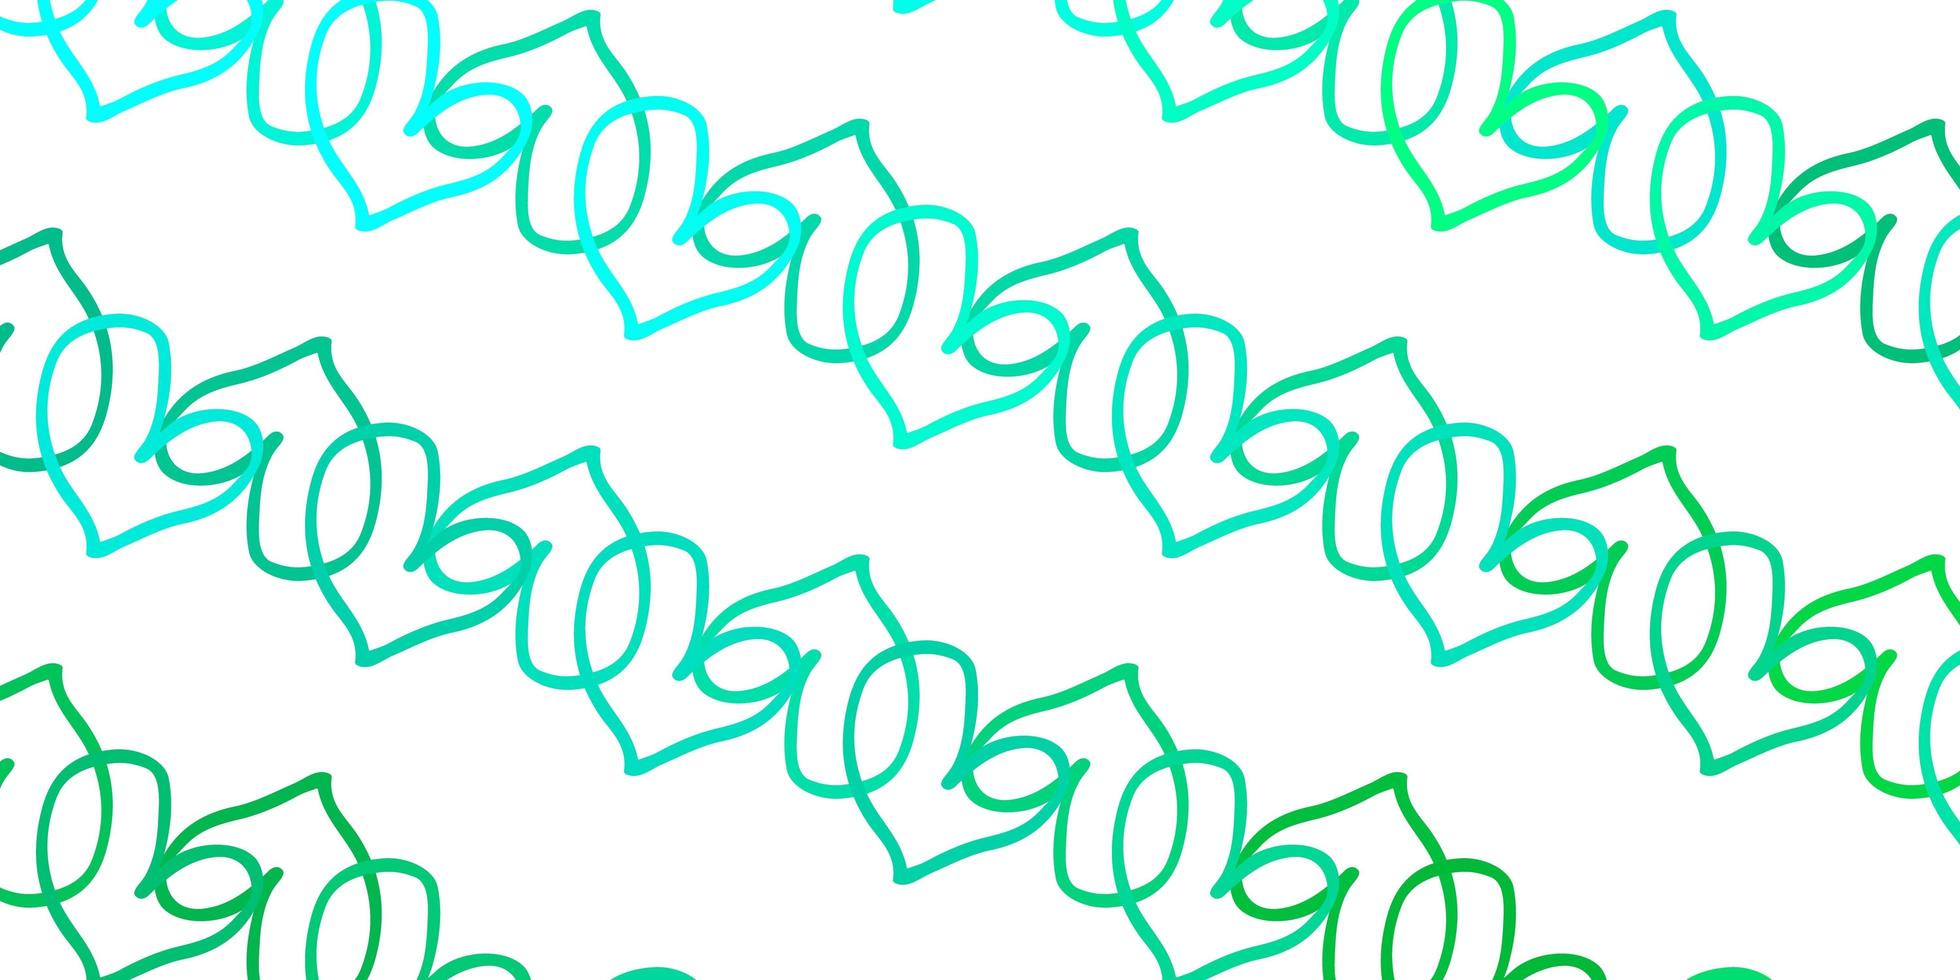 texture vecteur vert clair avec de beaux coeurs.